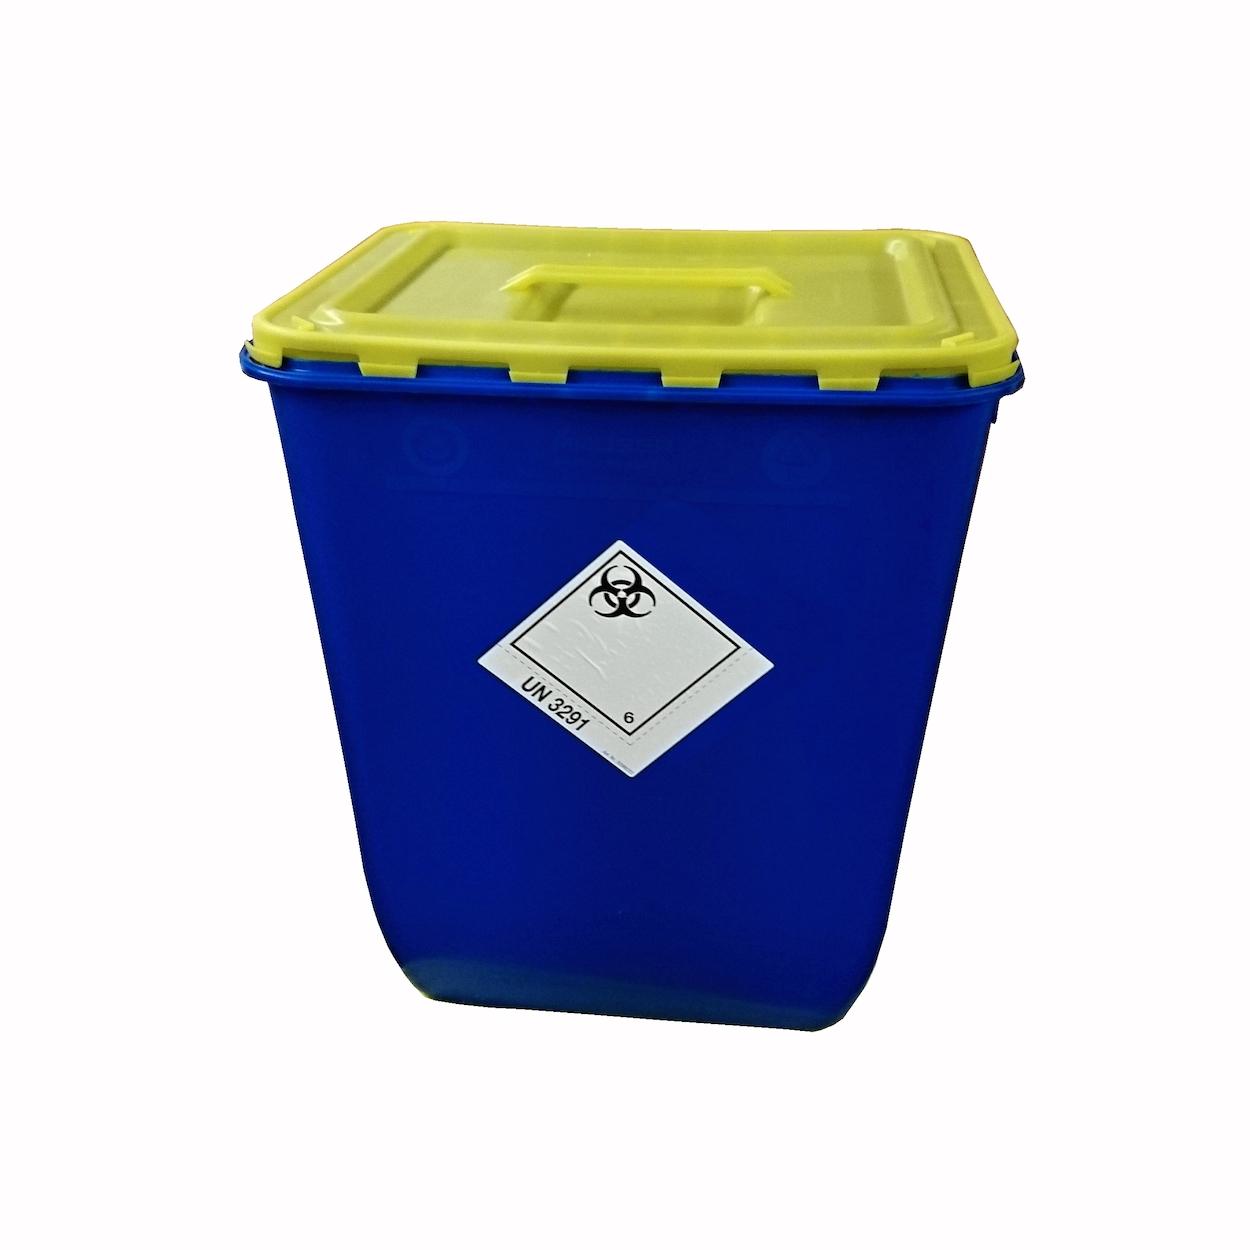 Box s víkem s úchopem na sběr biologického odpadu - 50 l